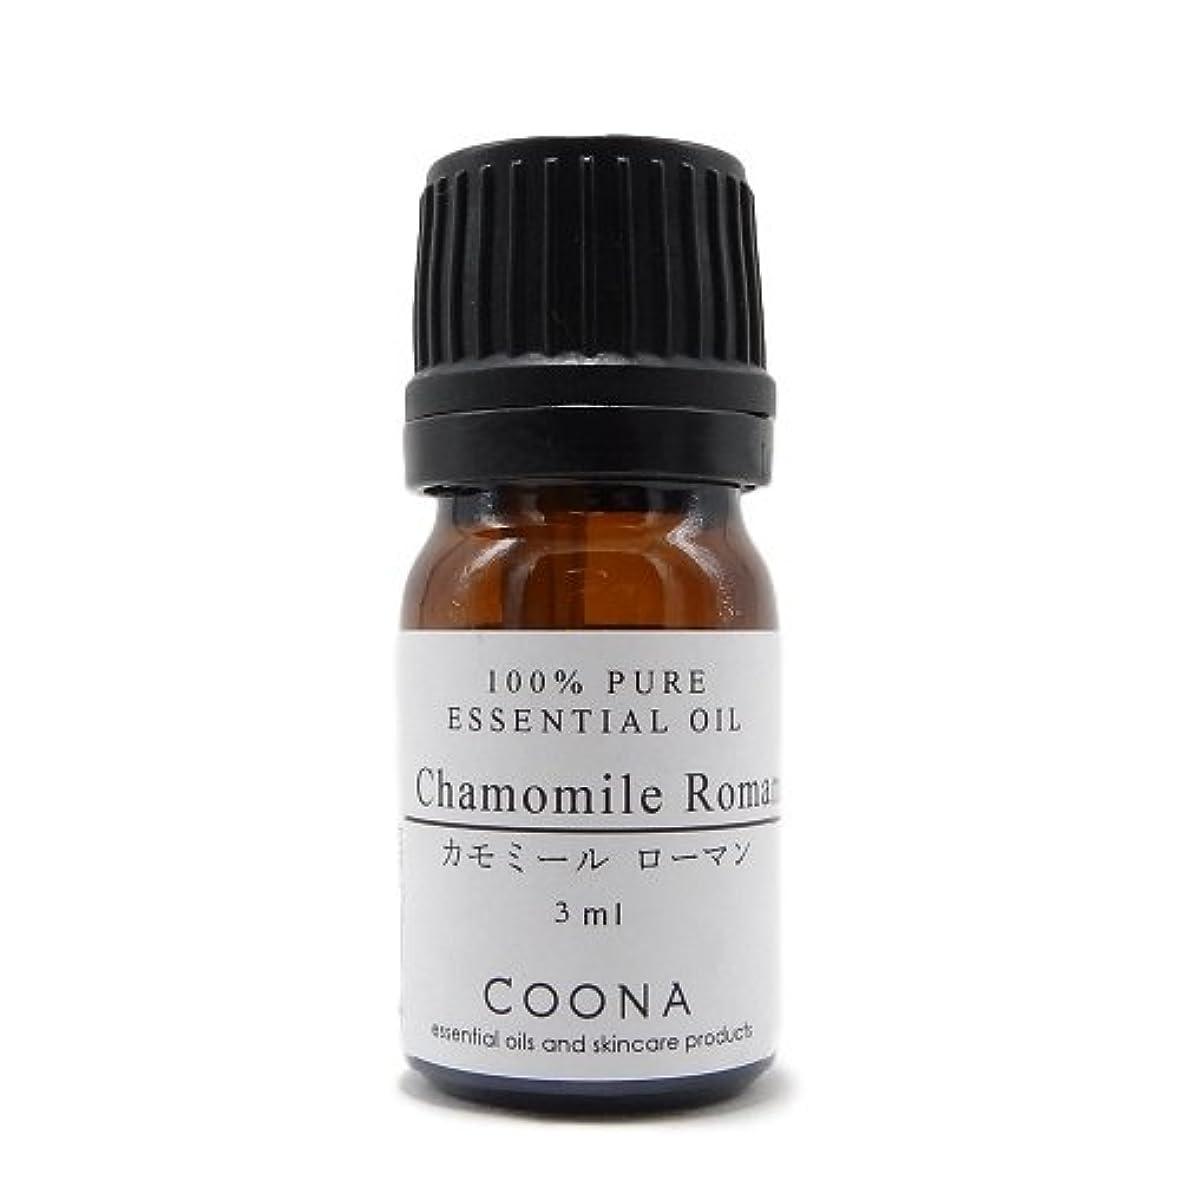 唯物論見つける同盟カモミール ローマン 3 ml (COONA エッセンシャルオイル アロマオイル 100%天然植物精油)